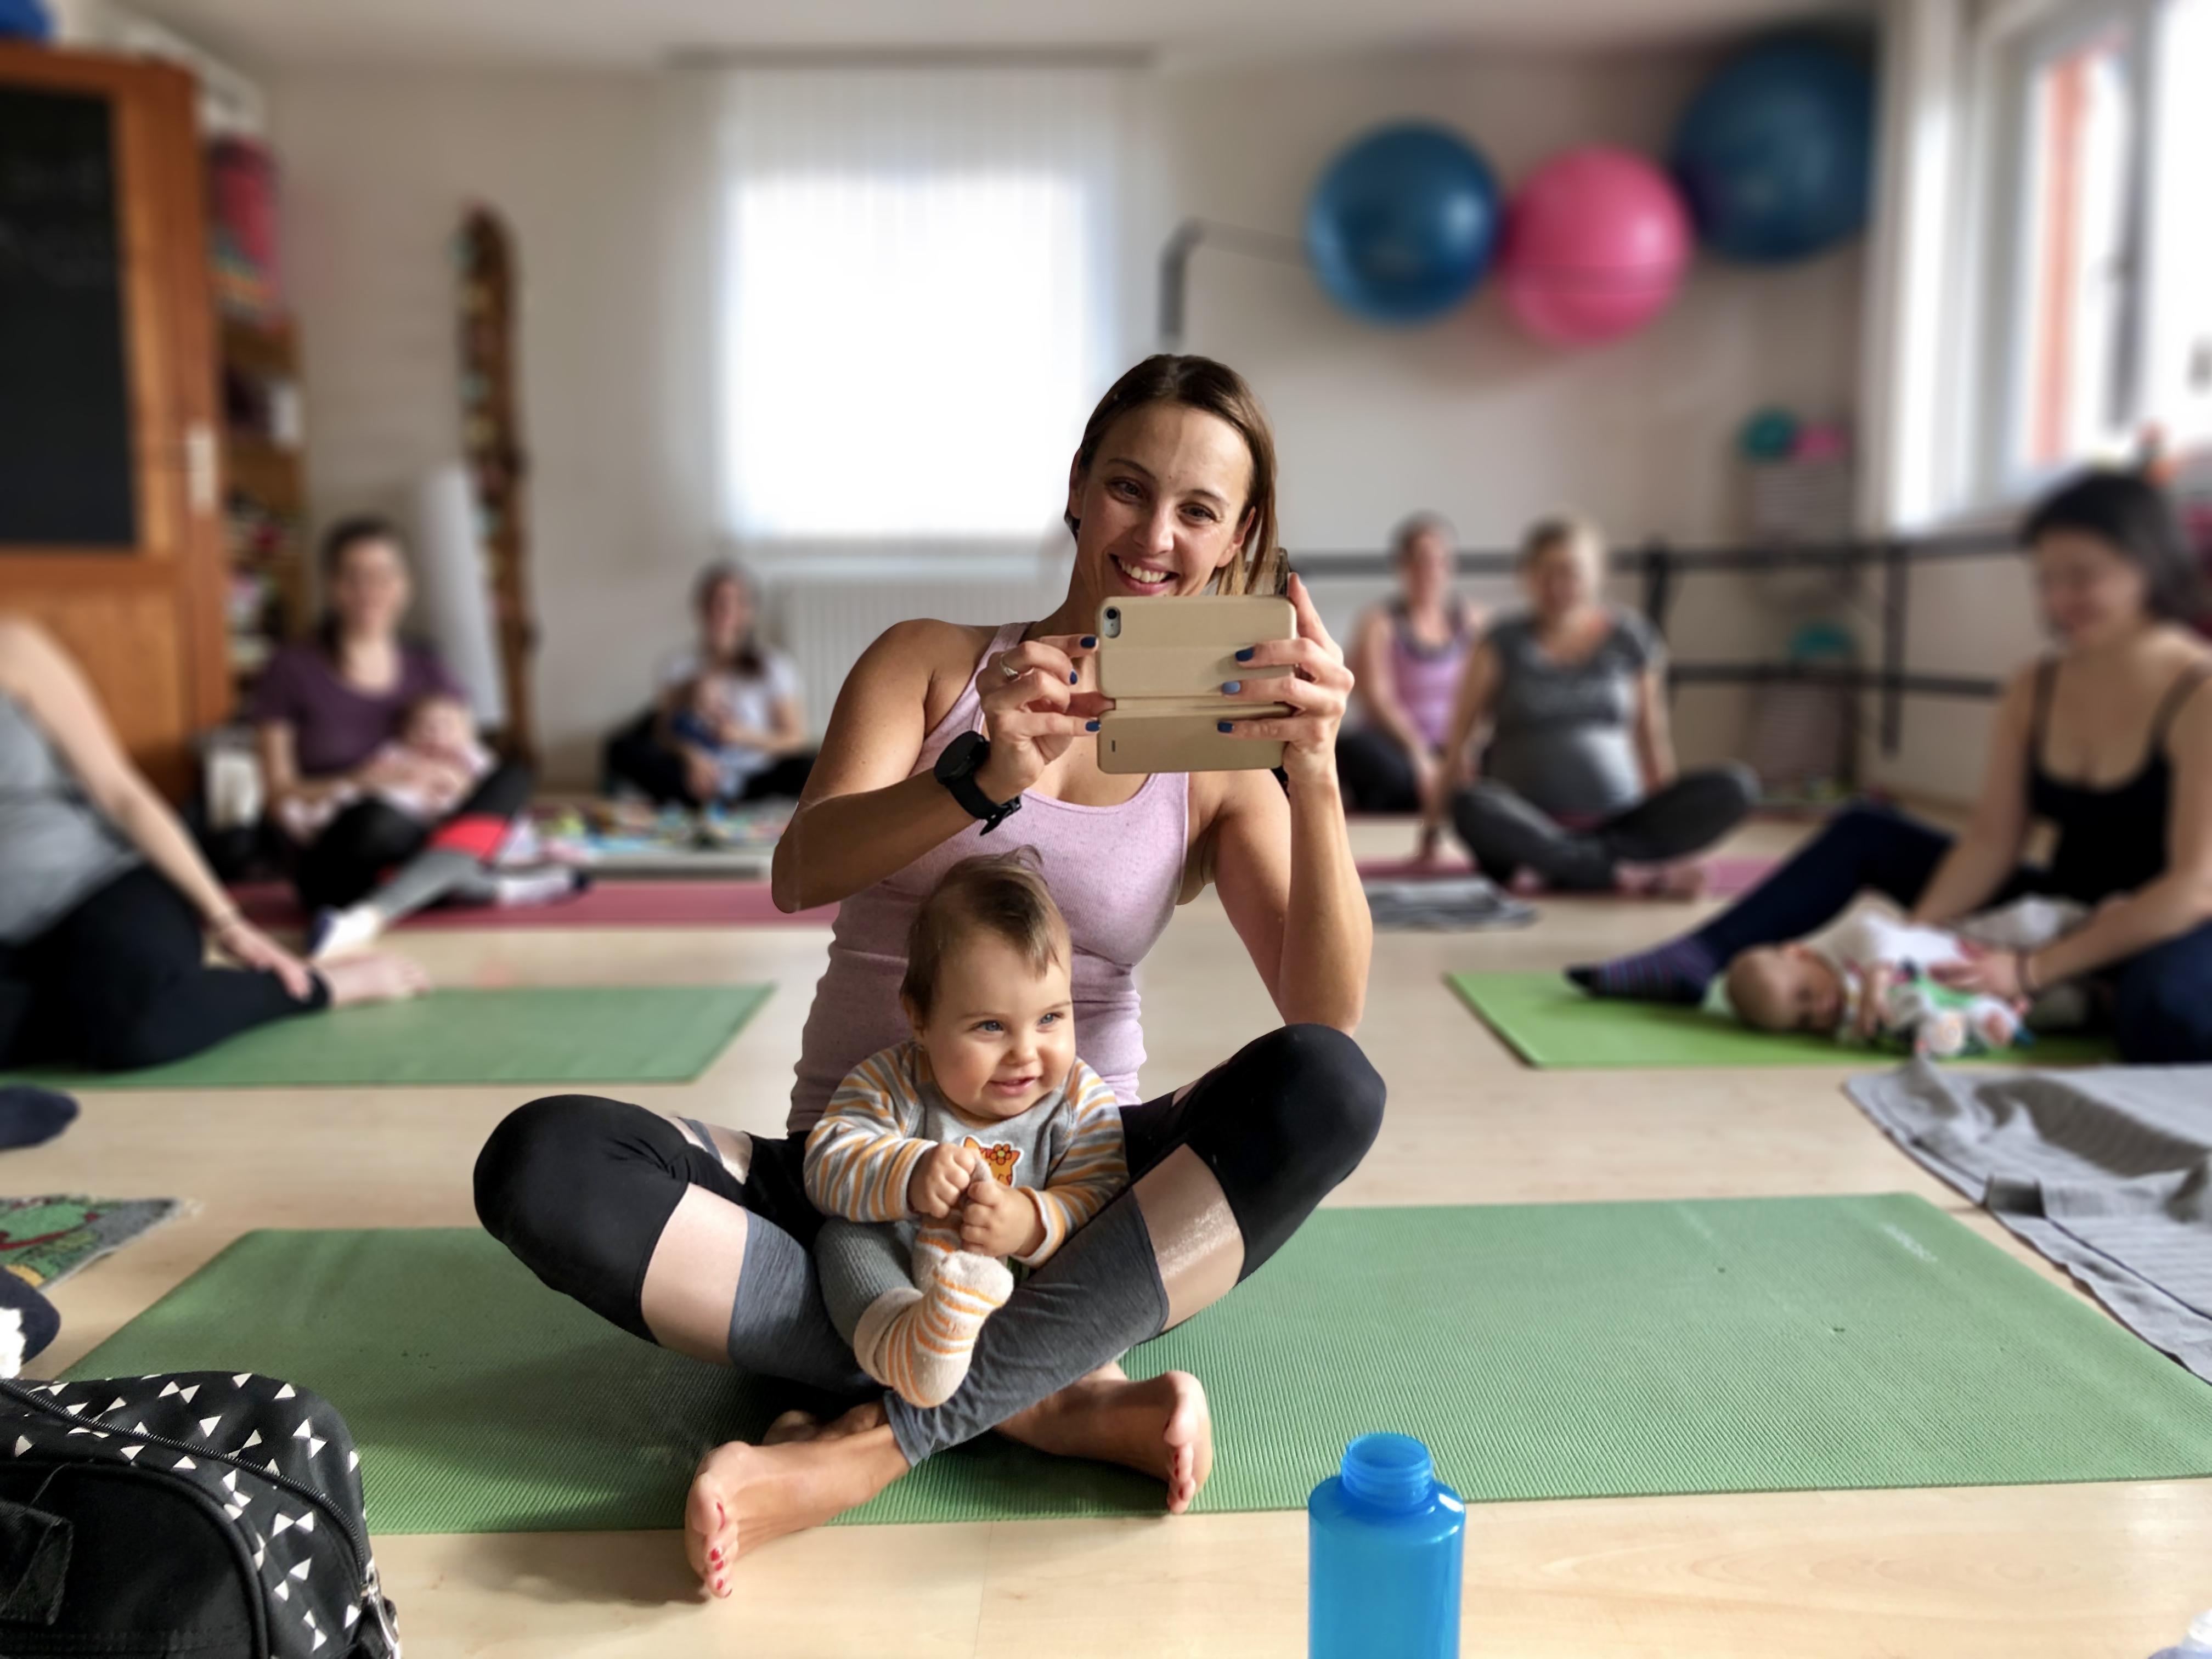 Baba-mama pilates Eszterrel és a kislányával